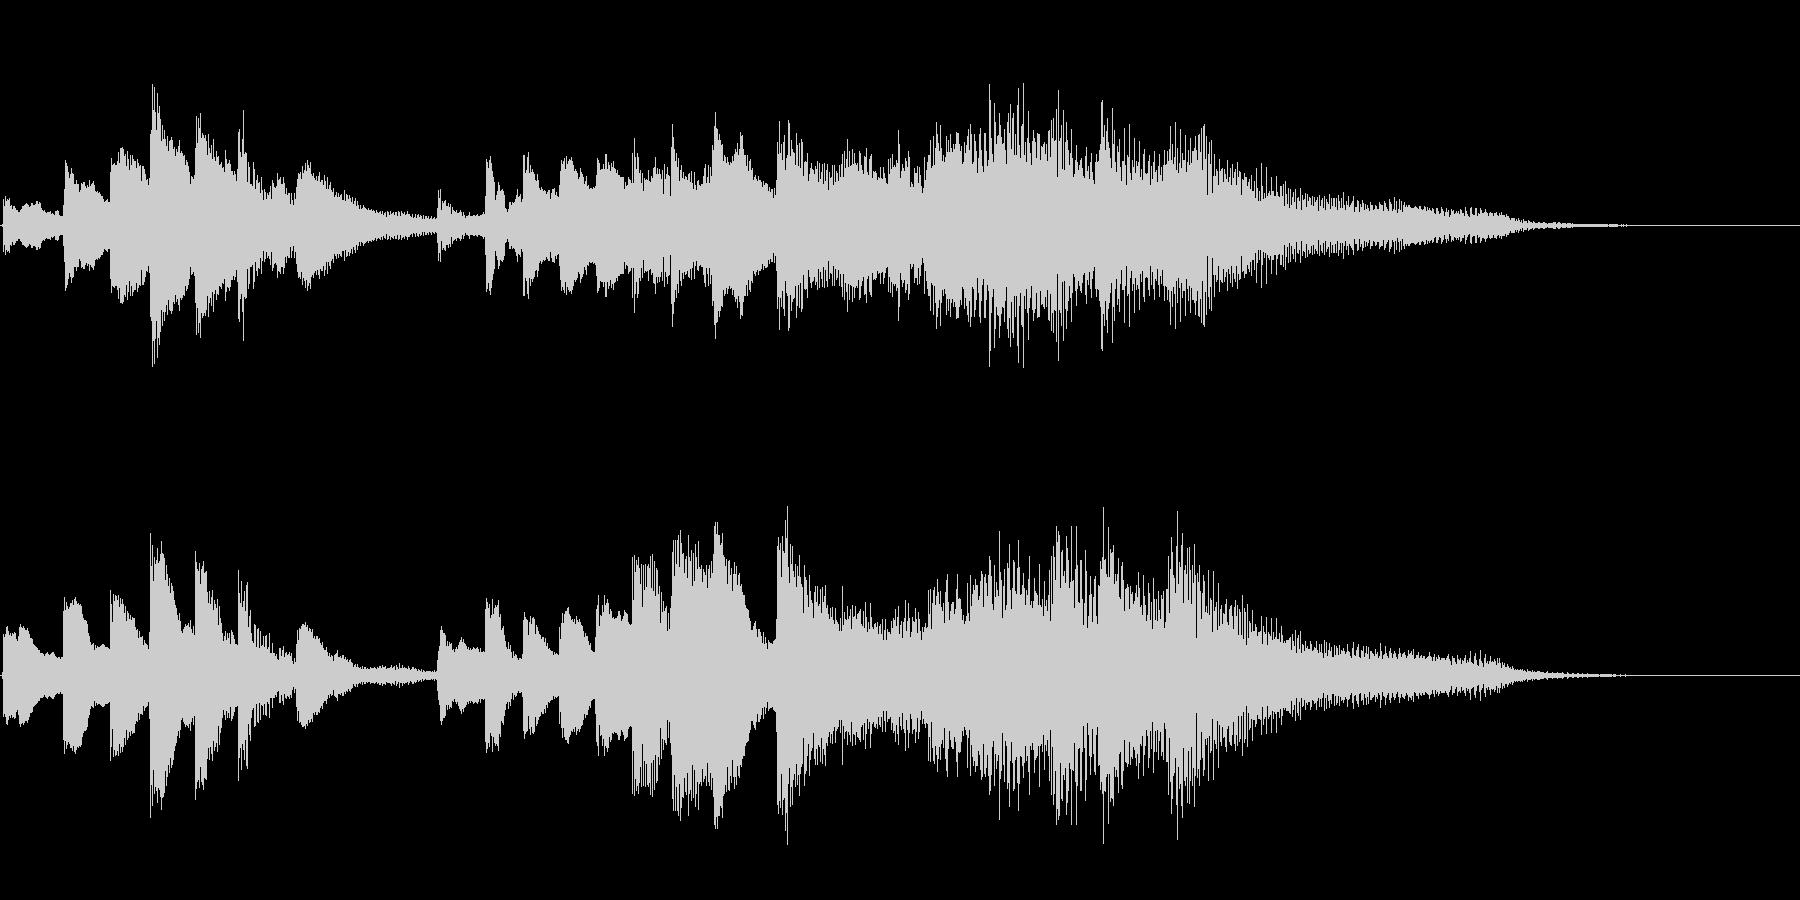 キラキラして感動的なピアノソロ11秒の未再生の波形